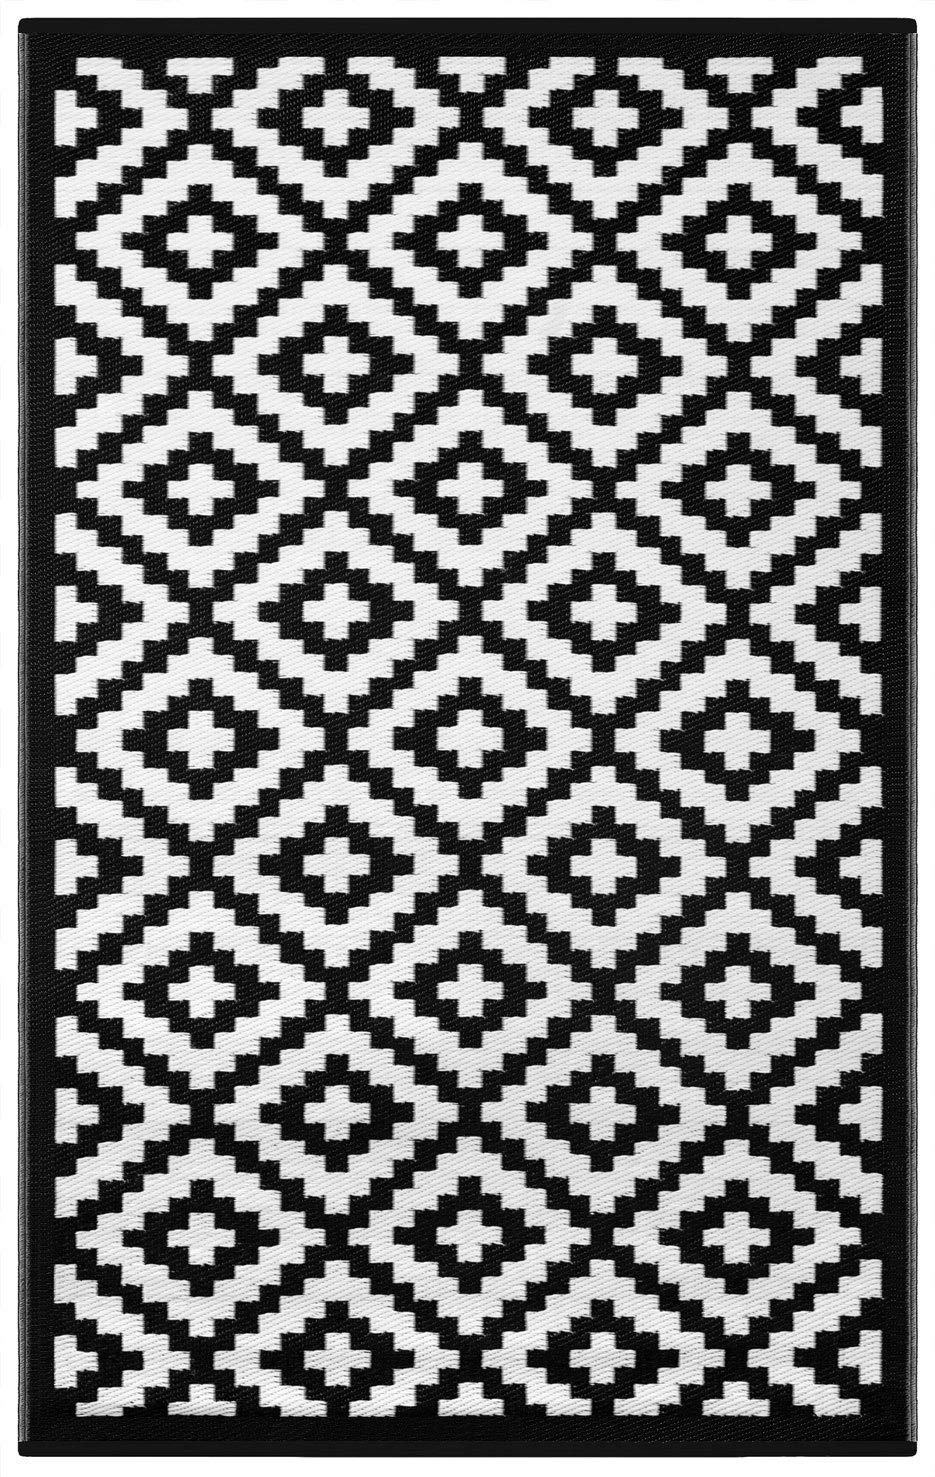 Grün Decore 150 x 240 cm Wendbarer Öko-Teppich aus recyceltem Kunststoff (Plastik) für Innen und Außen Federleicht, Schwarz Weiß